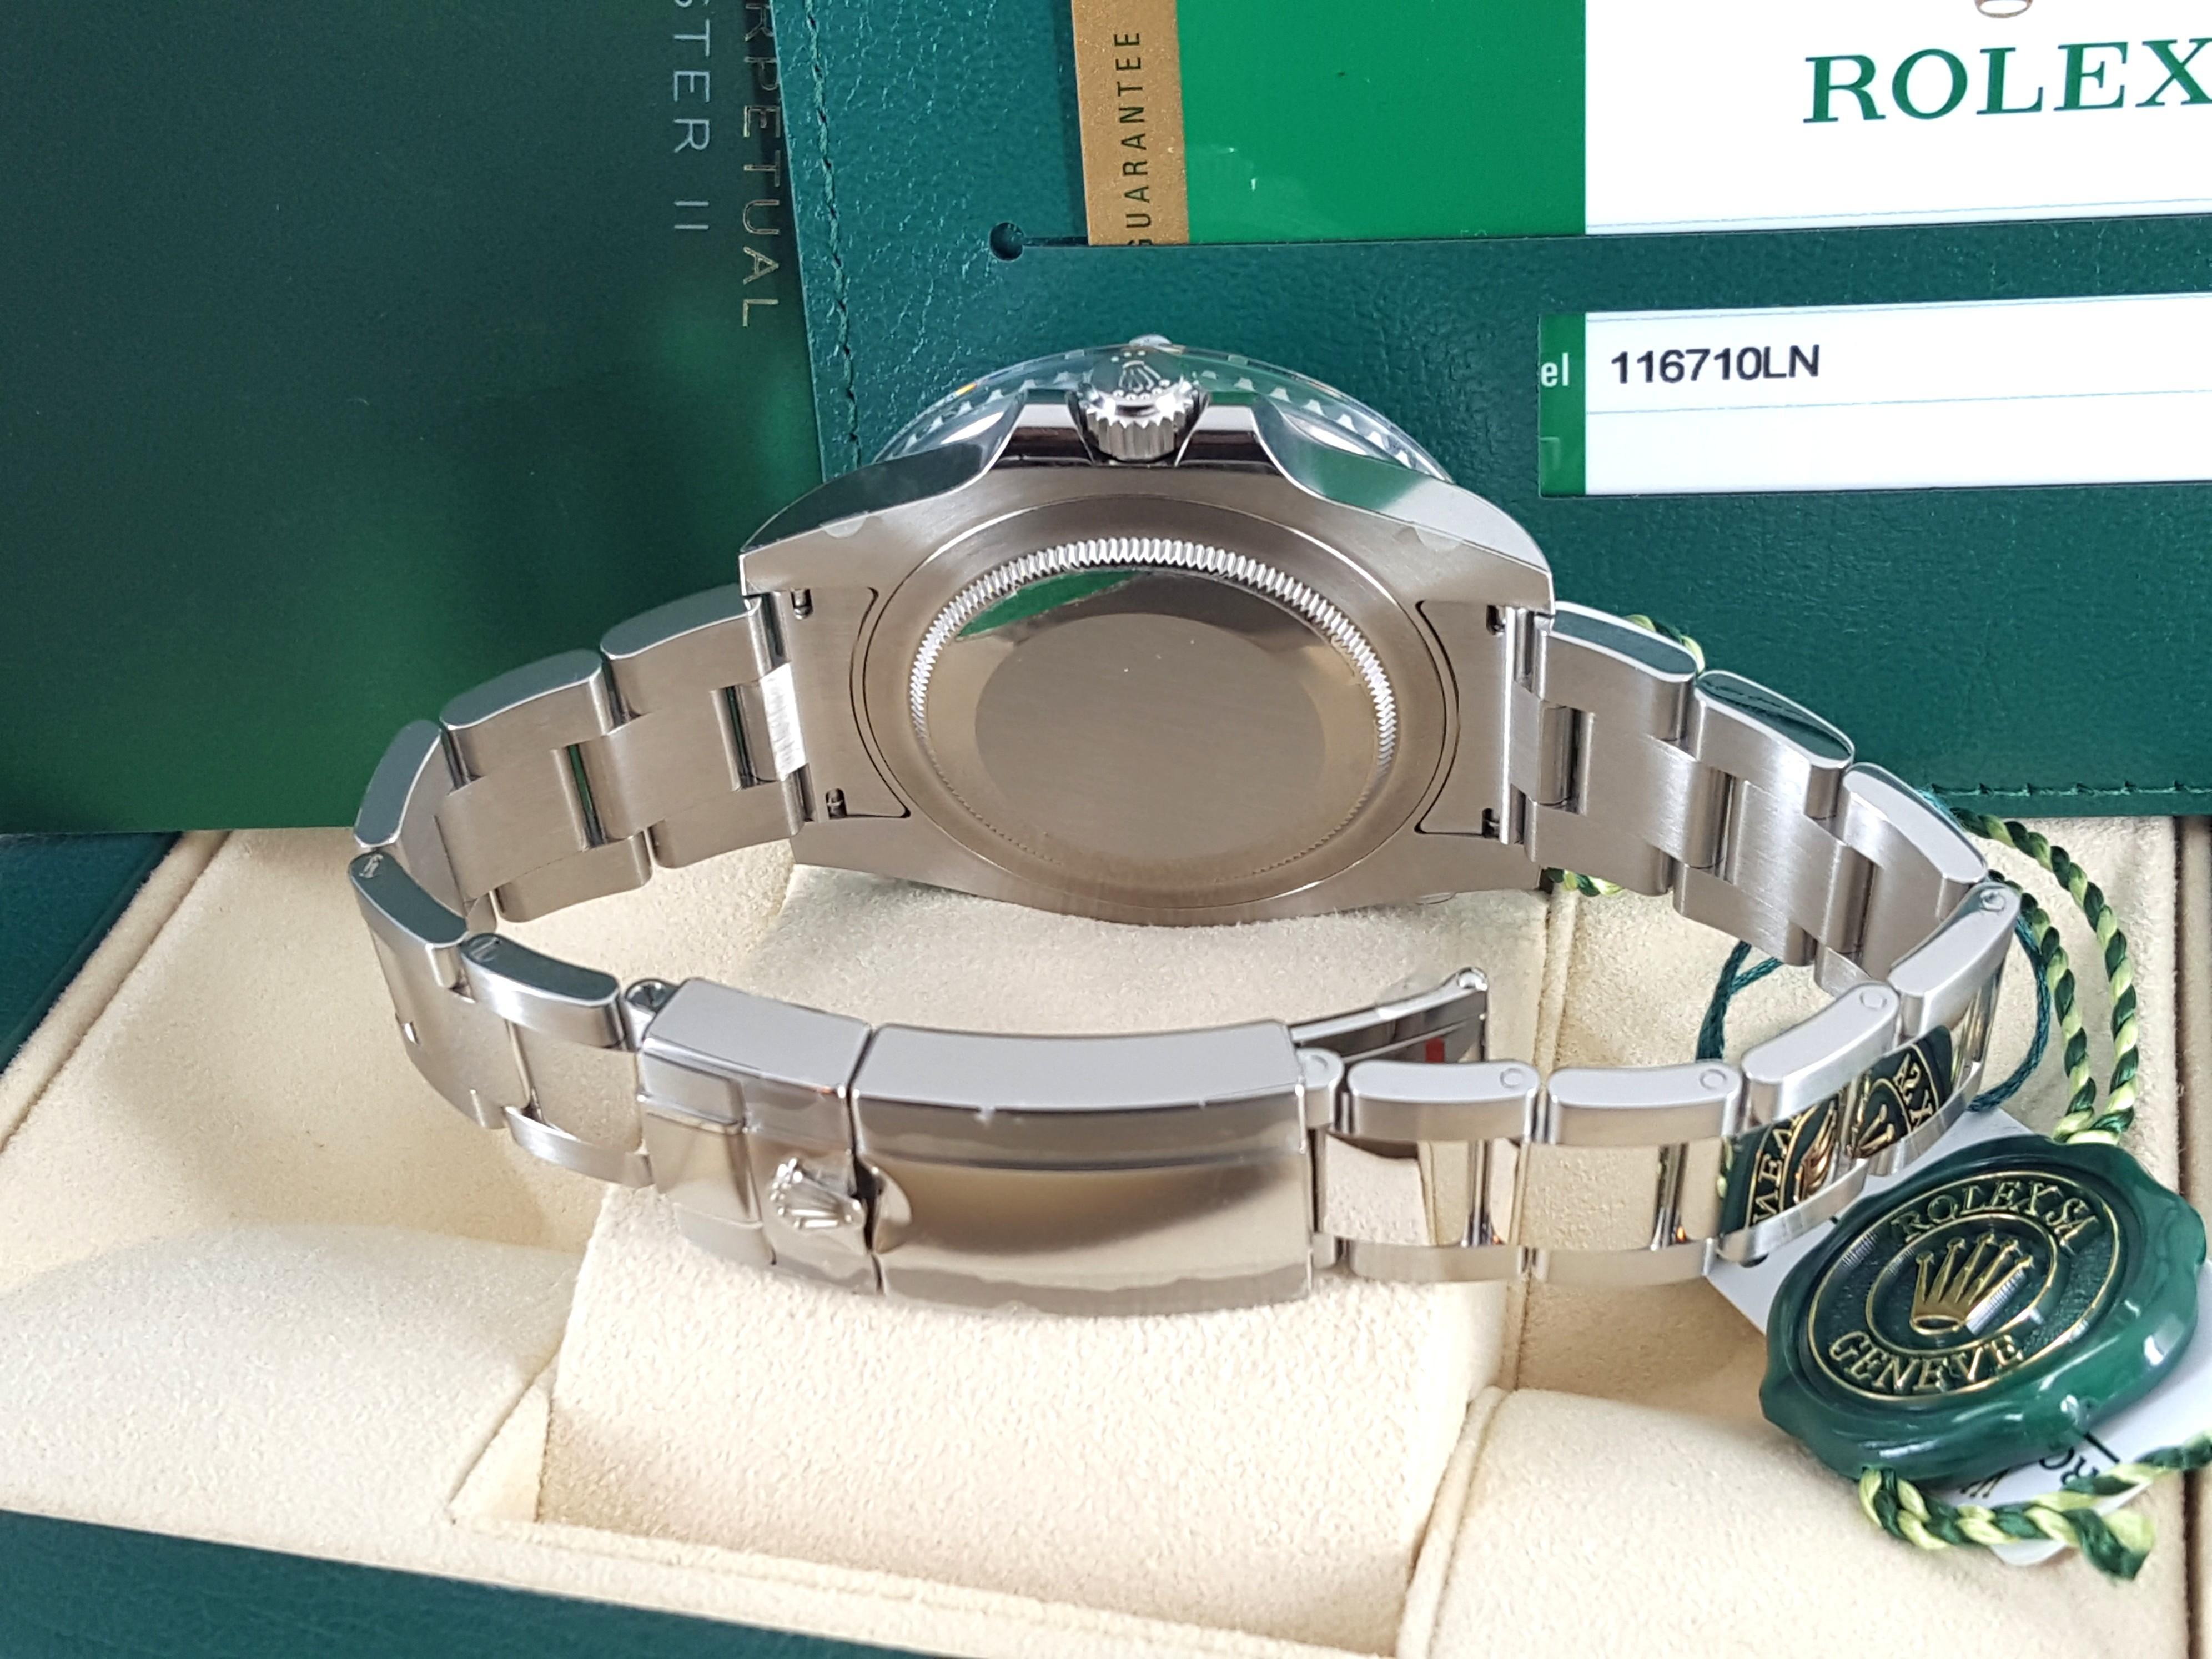 Unworn! Rolex 116710LN GMT Master II Ceramic